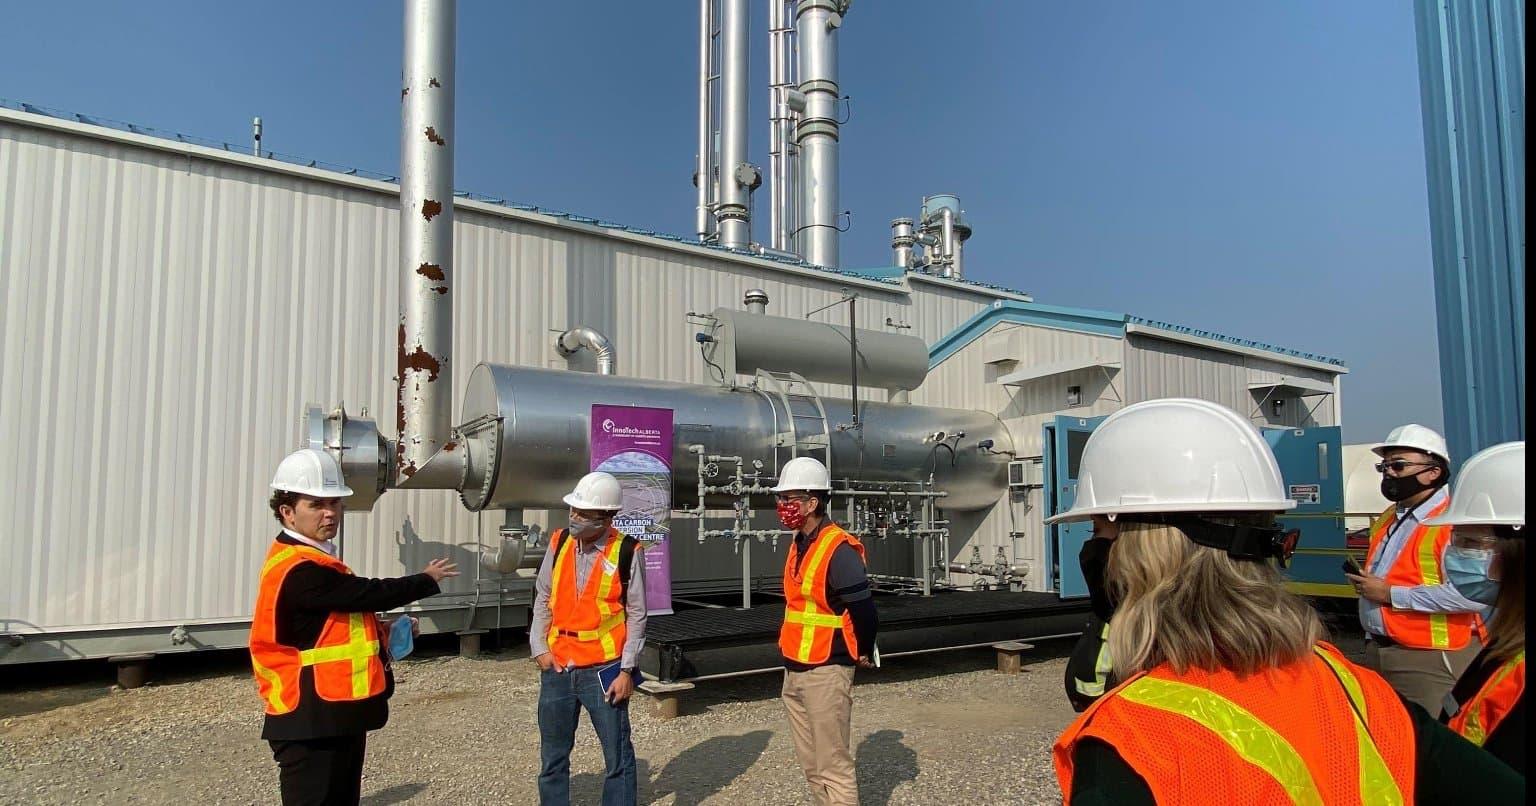 Tour visitors outside the carbon capture unit at the ACCTC